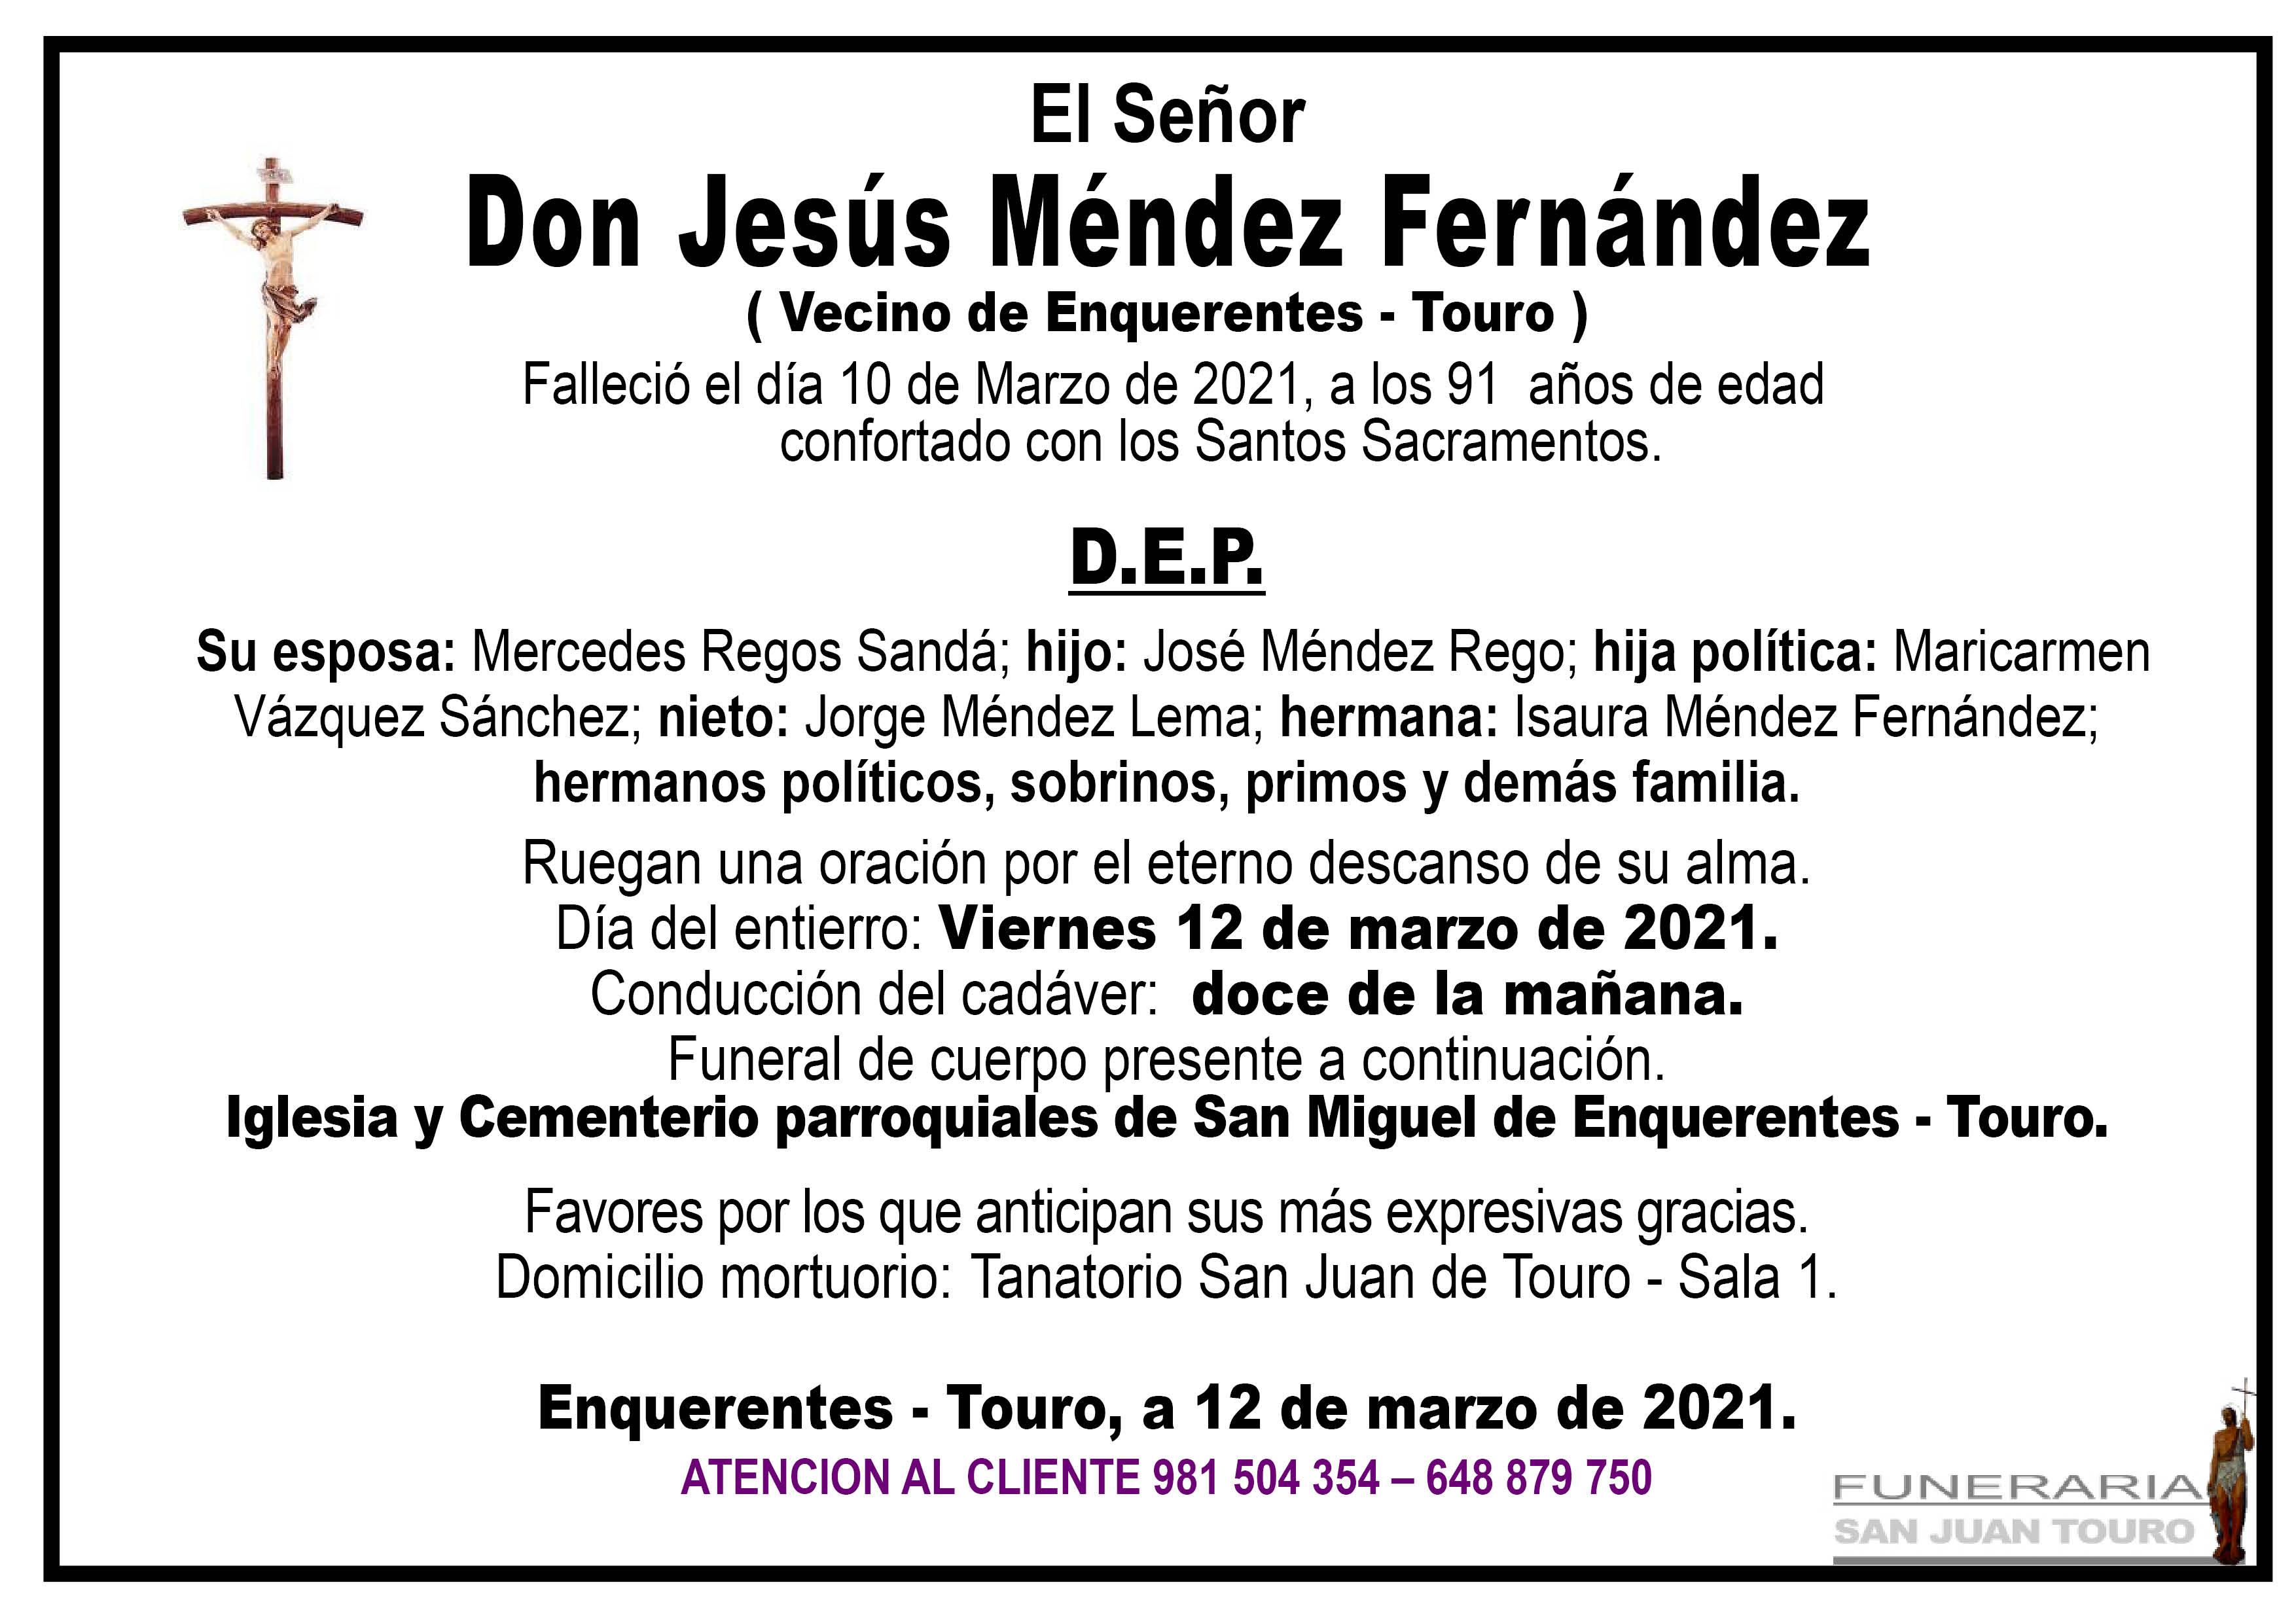 Esquela de SEPELIO DE DON JESÚS MENDEZ FERNÁNDEZ